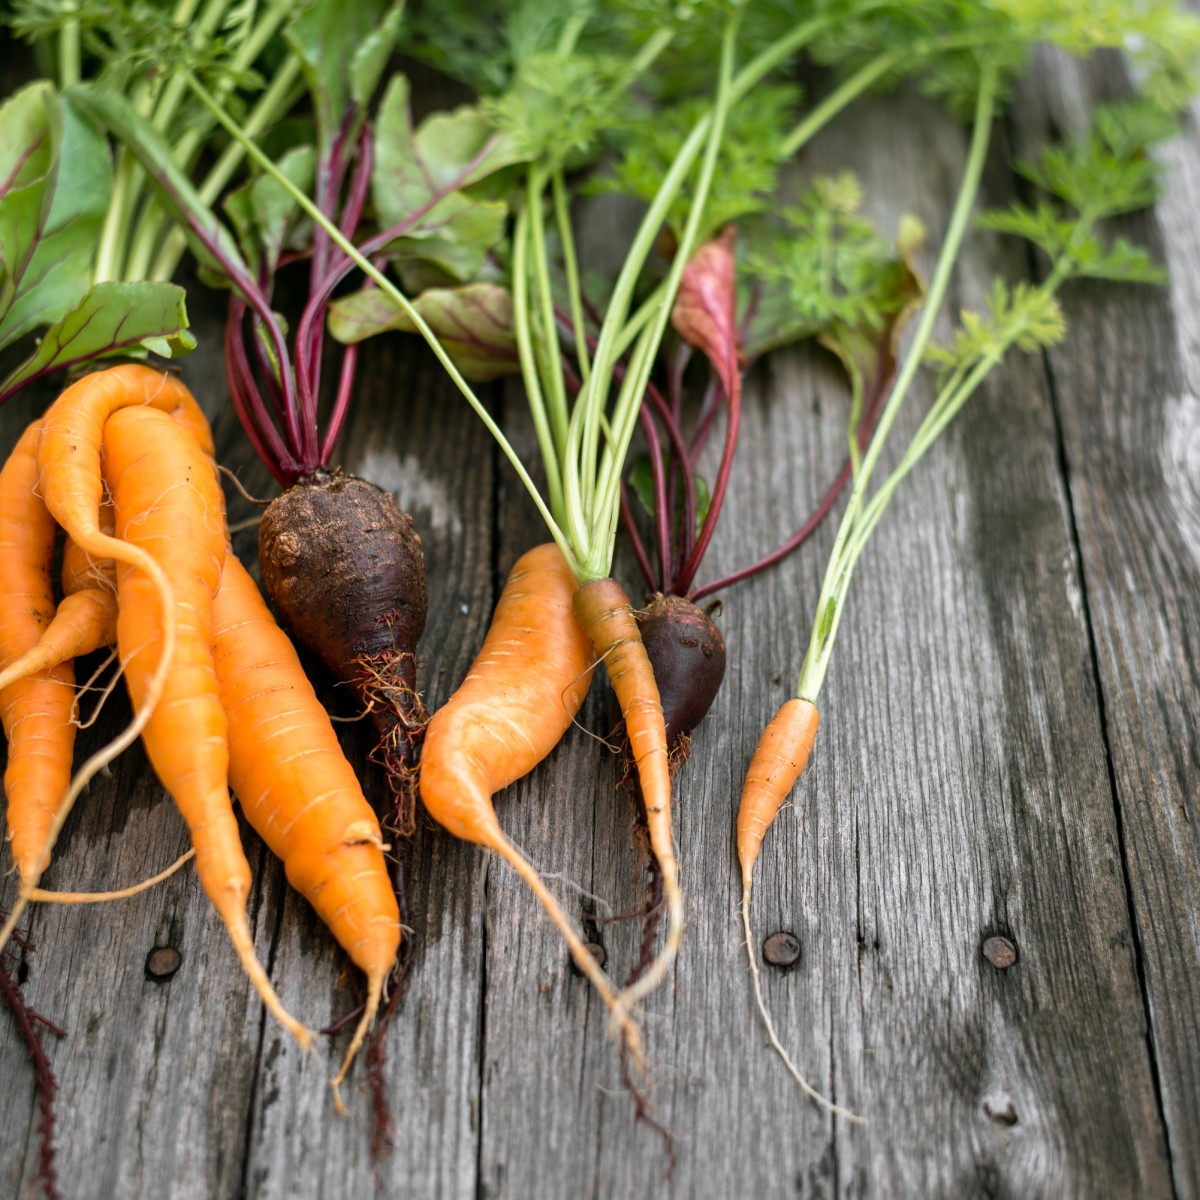 19+ Veggie Trends 8 Von krummem Gemüse und mehr   bildderfrau.de Image